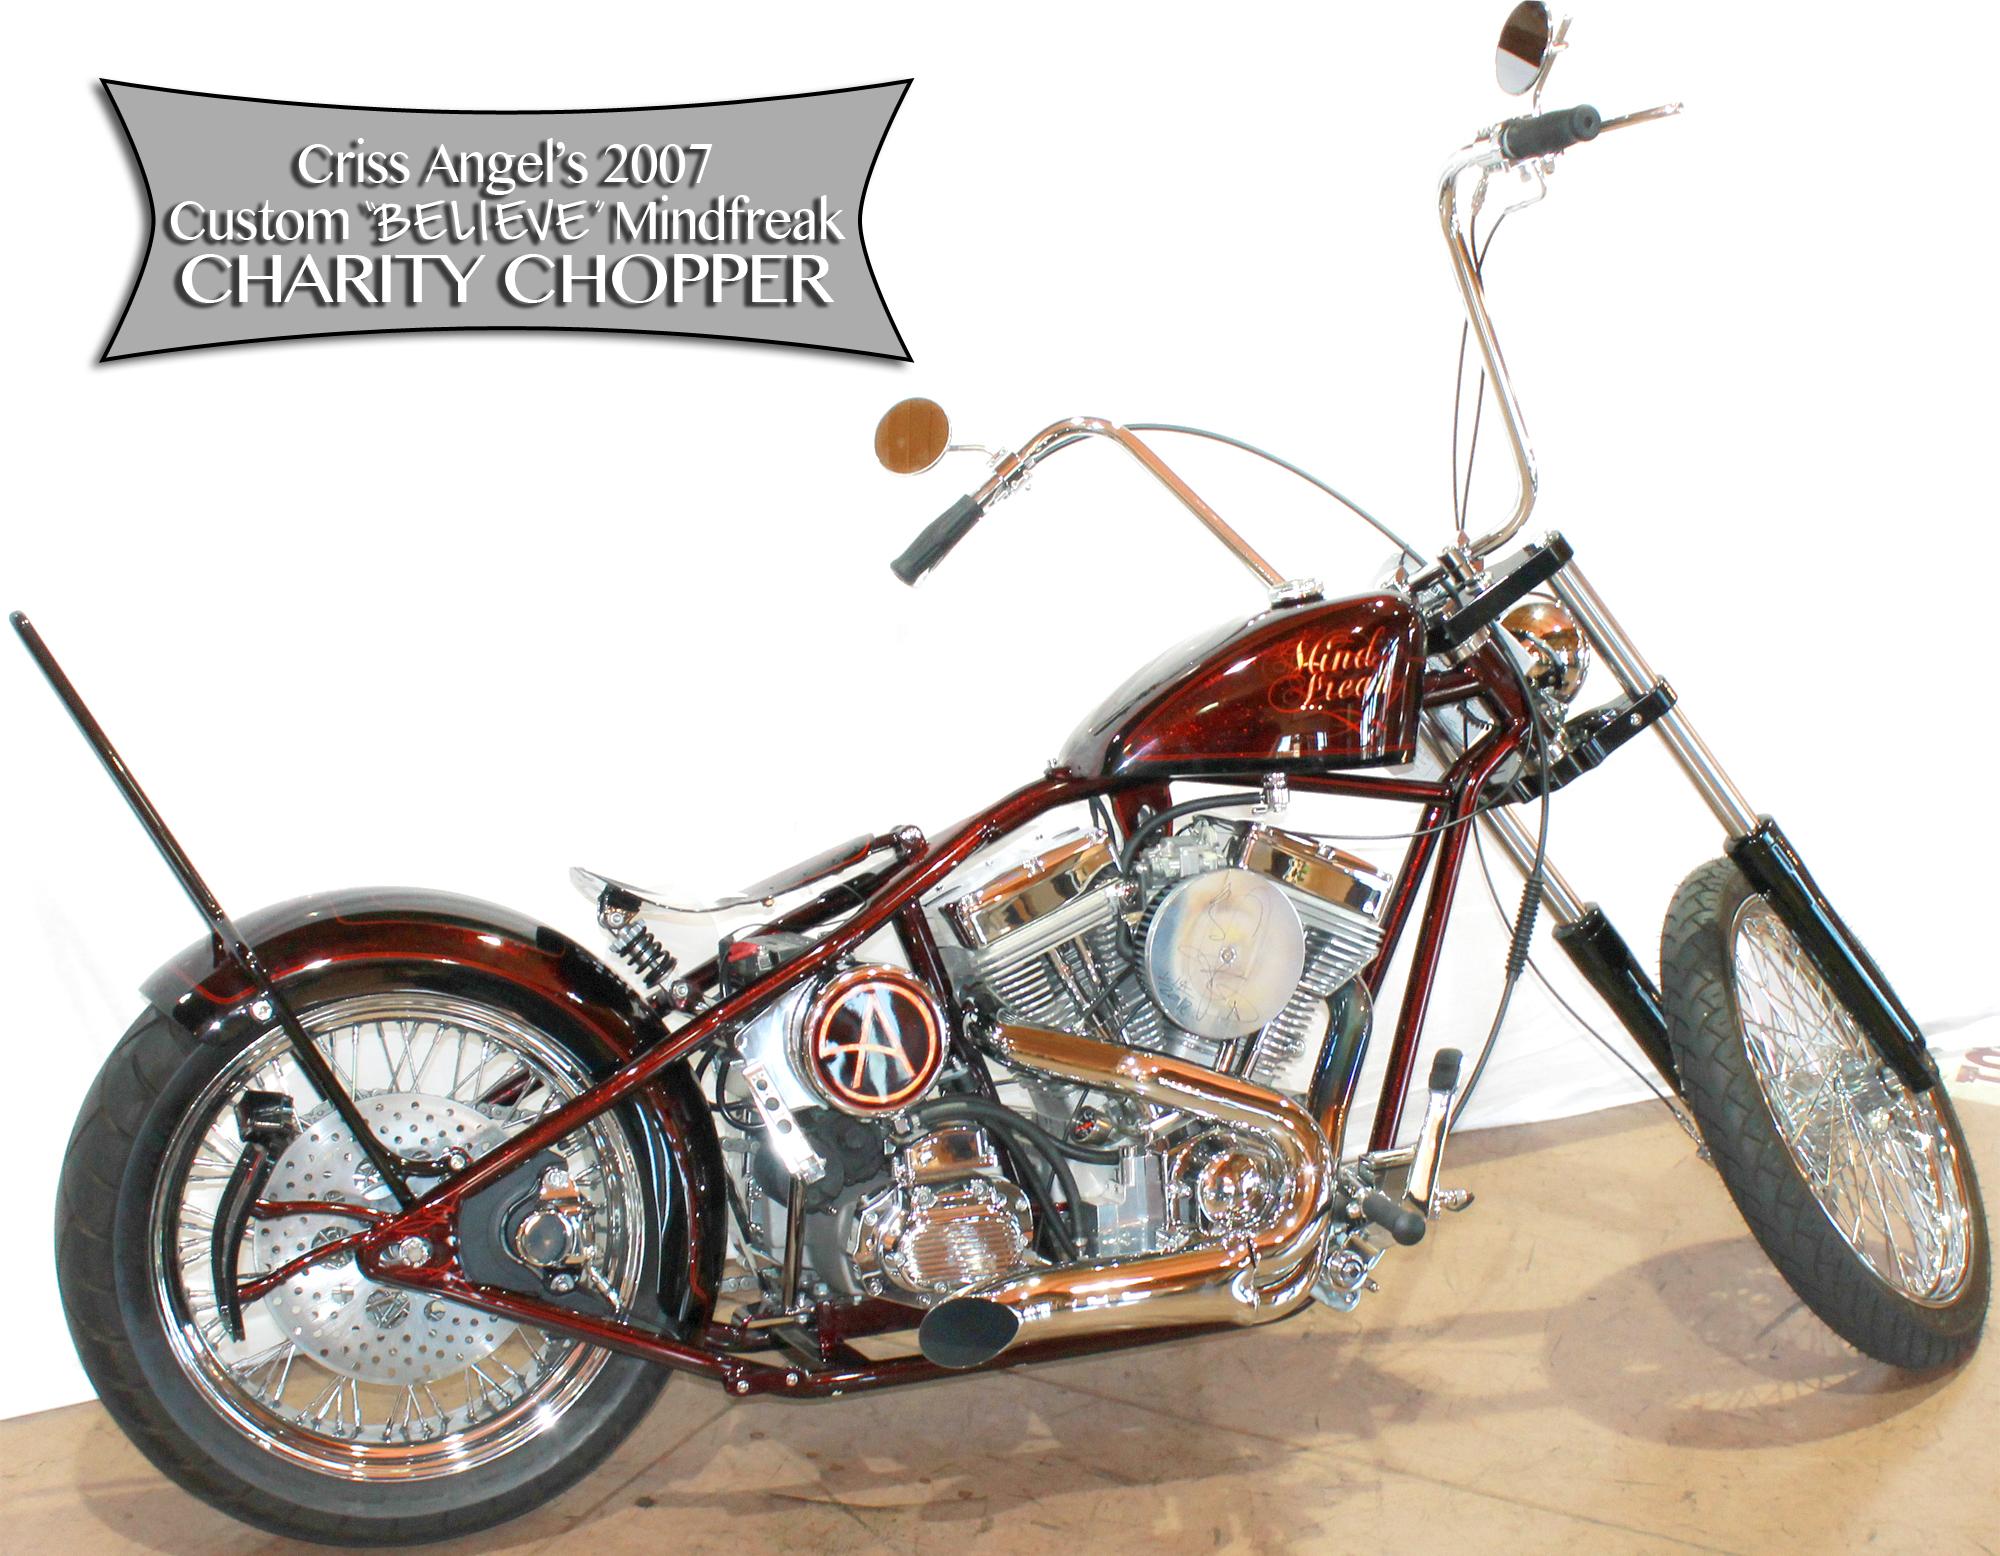 2007 Criss Angel Custom Bobber